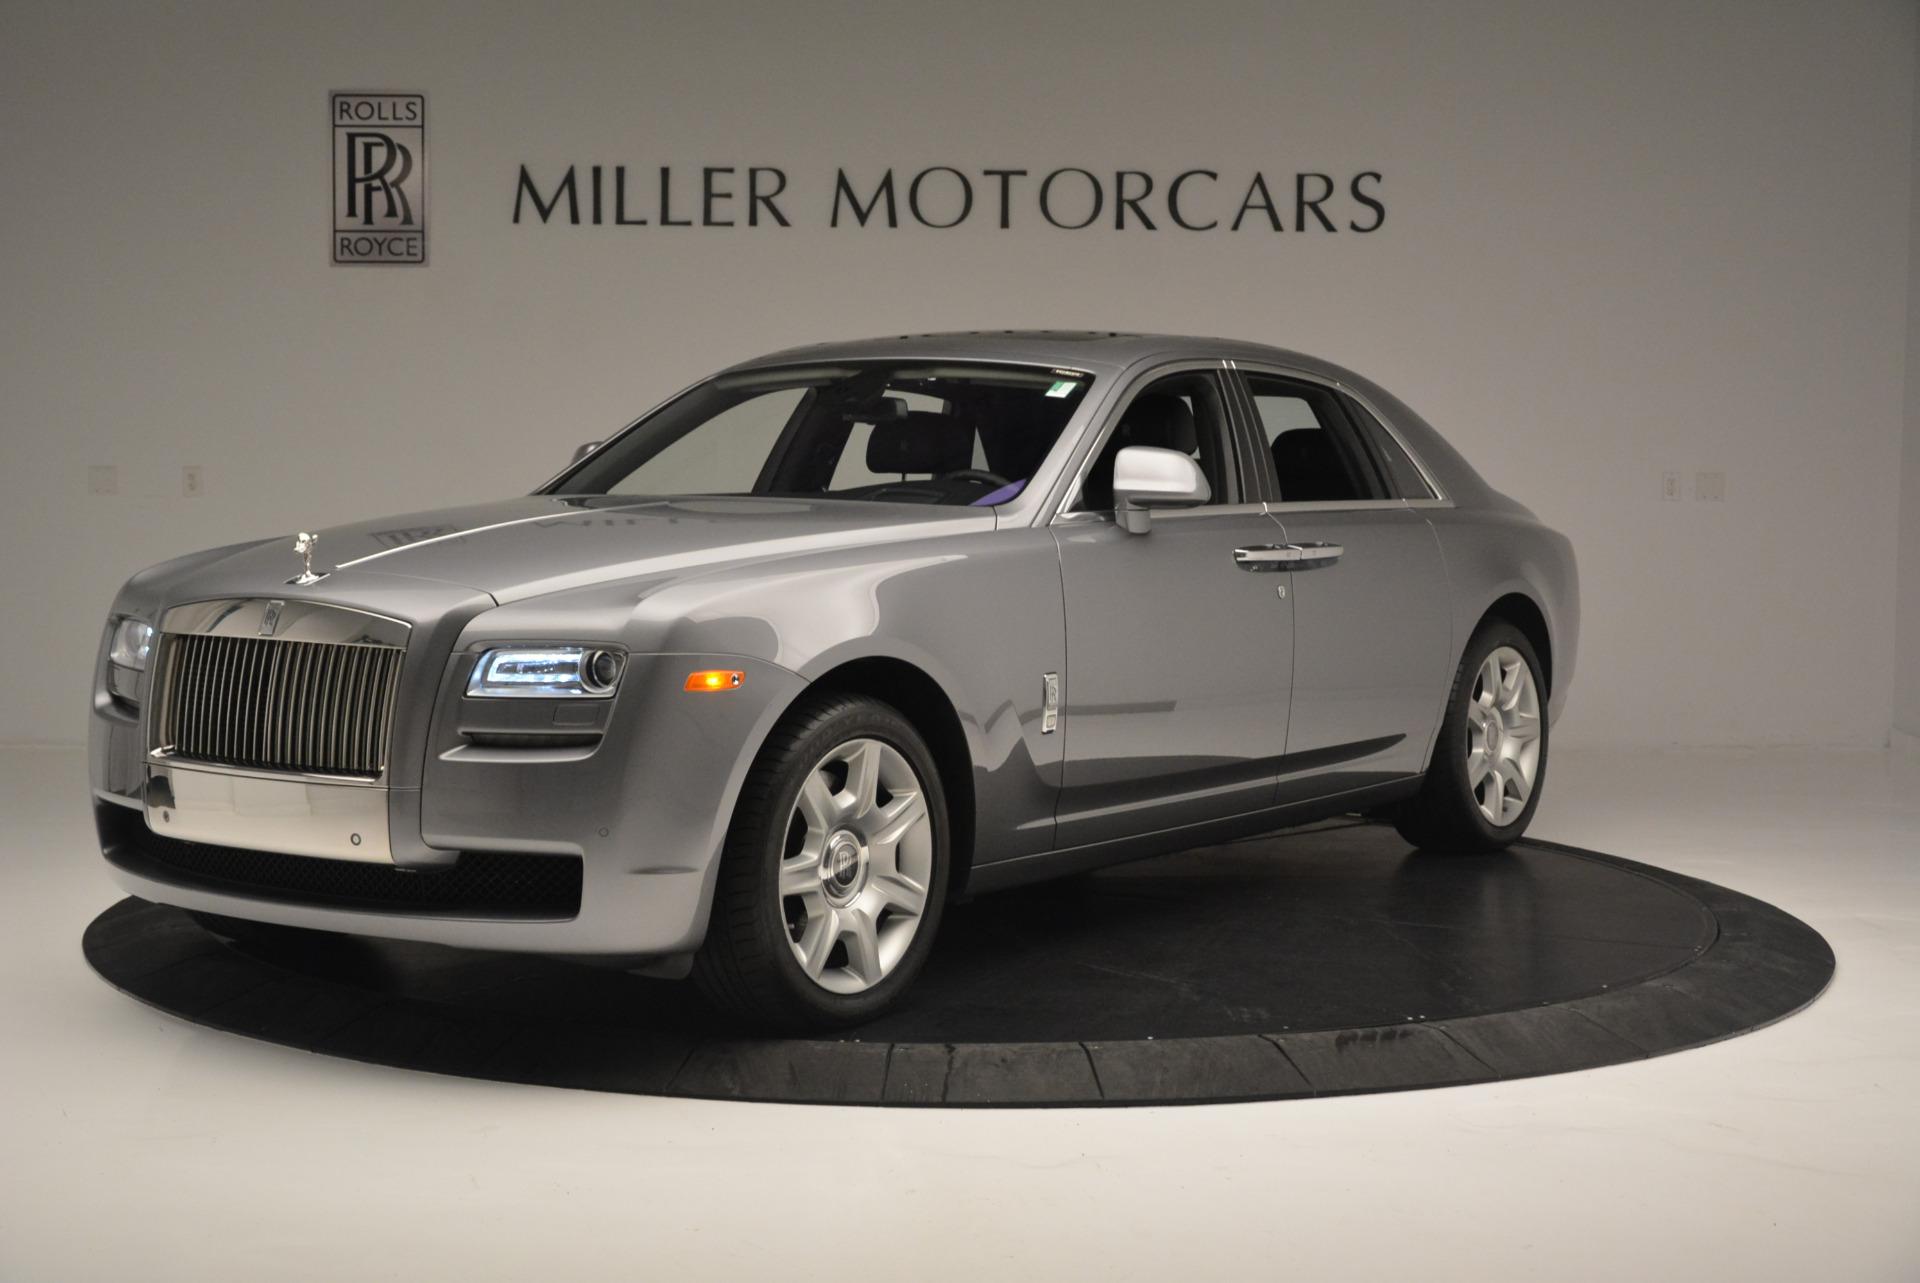 Used 2012 Rolls-Royce Ghost for sale Sold at Alfa Romeo of Westport in Westport CT 06880 1